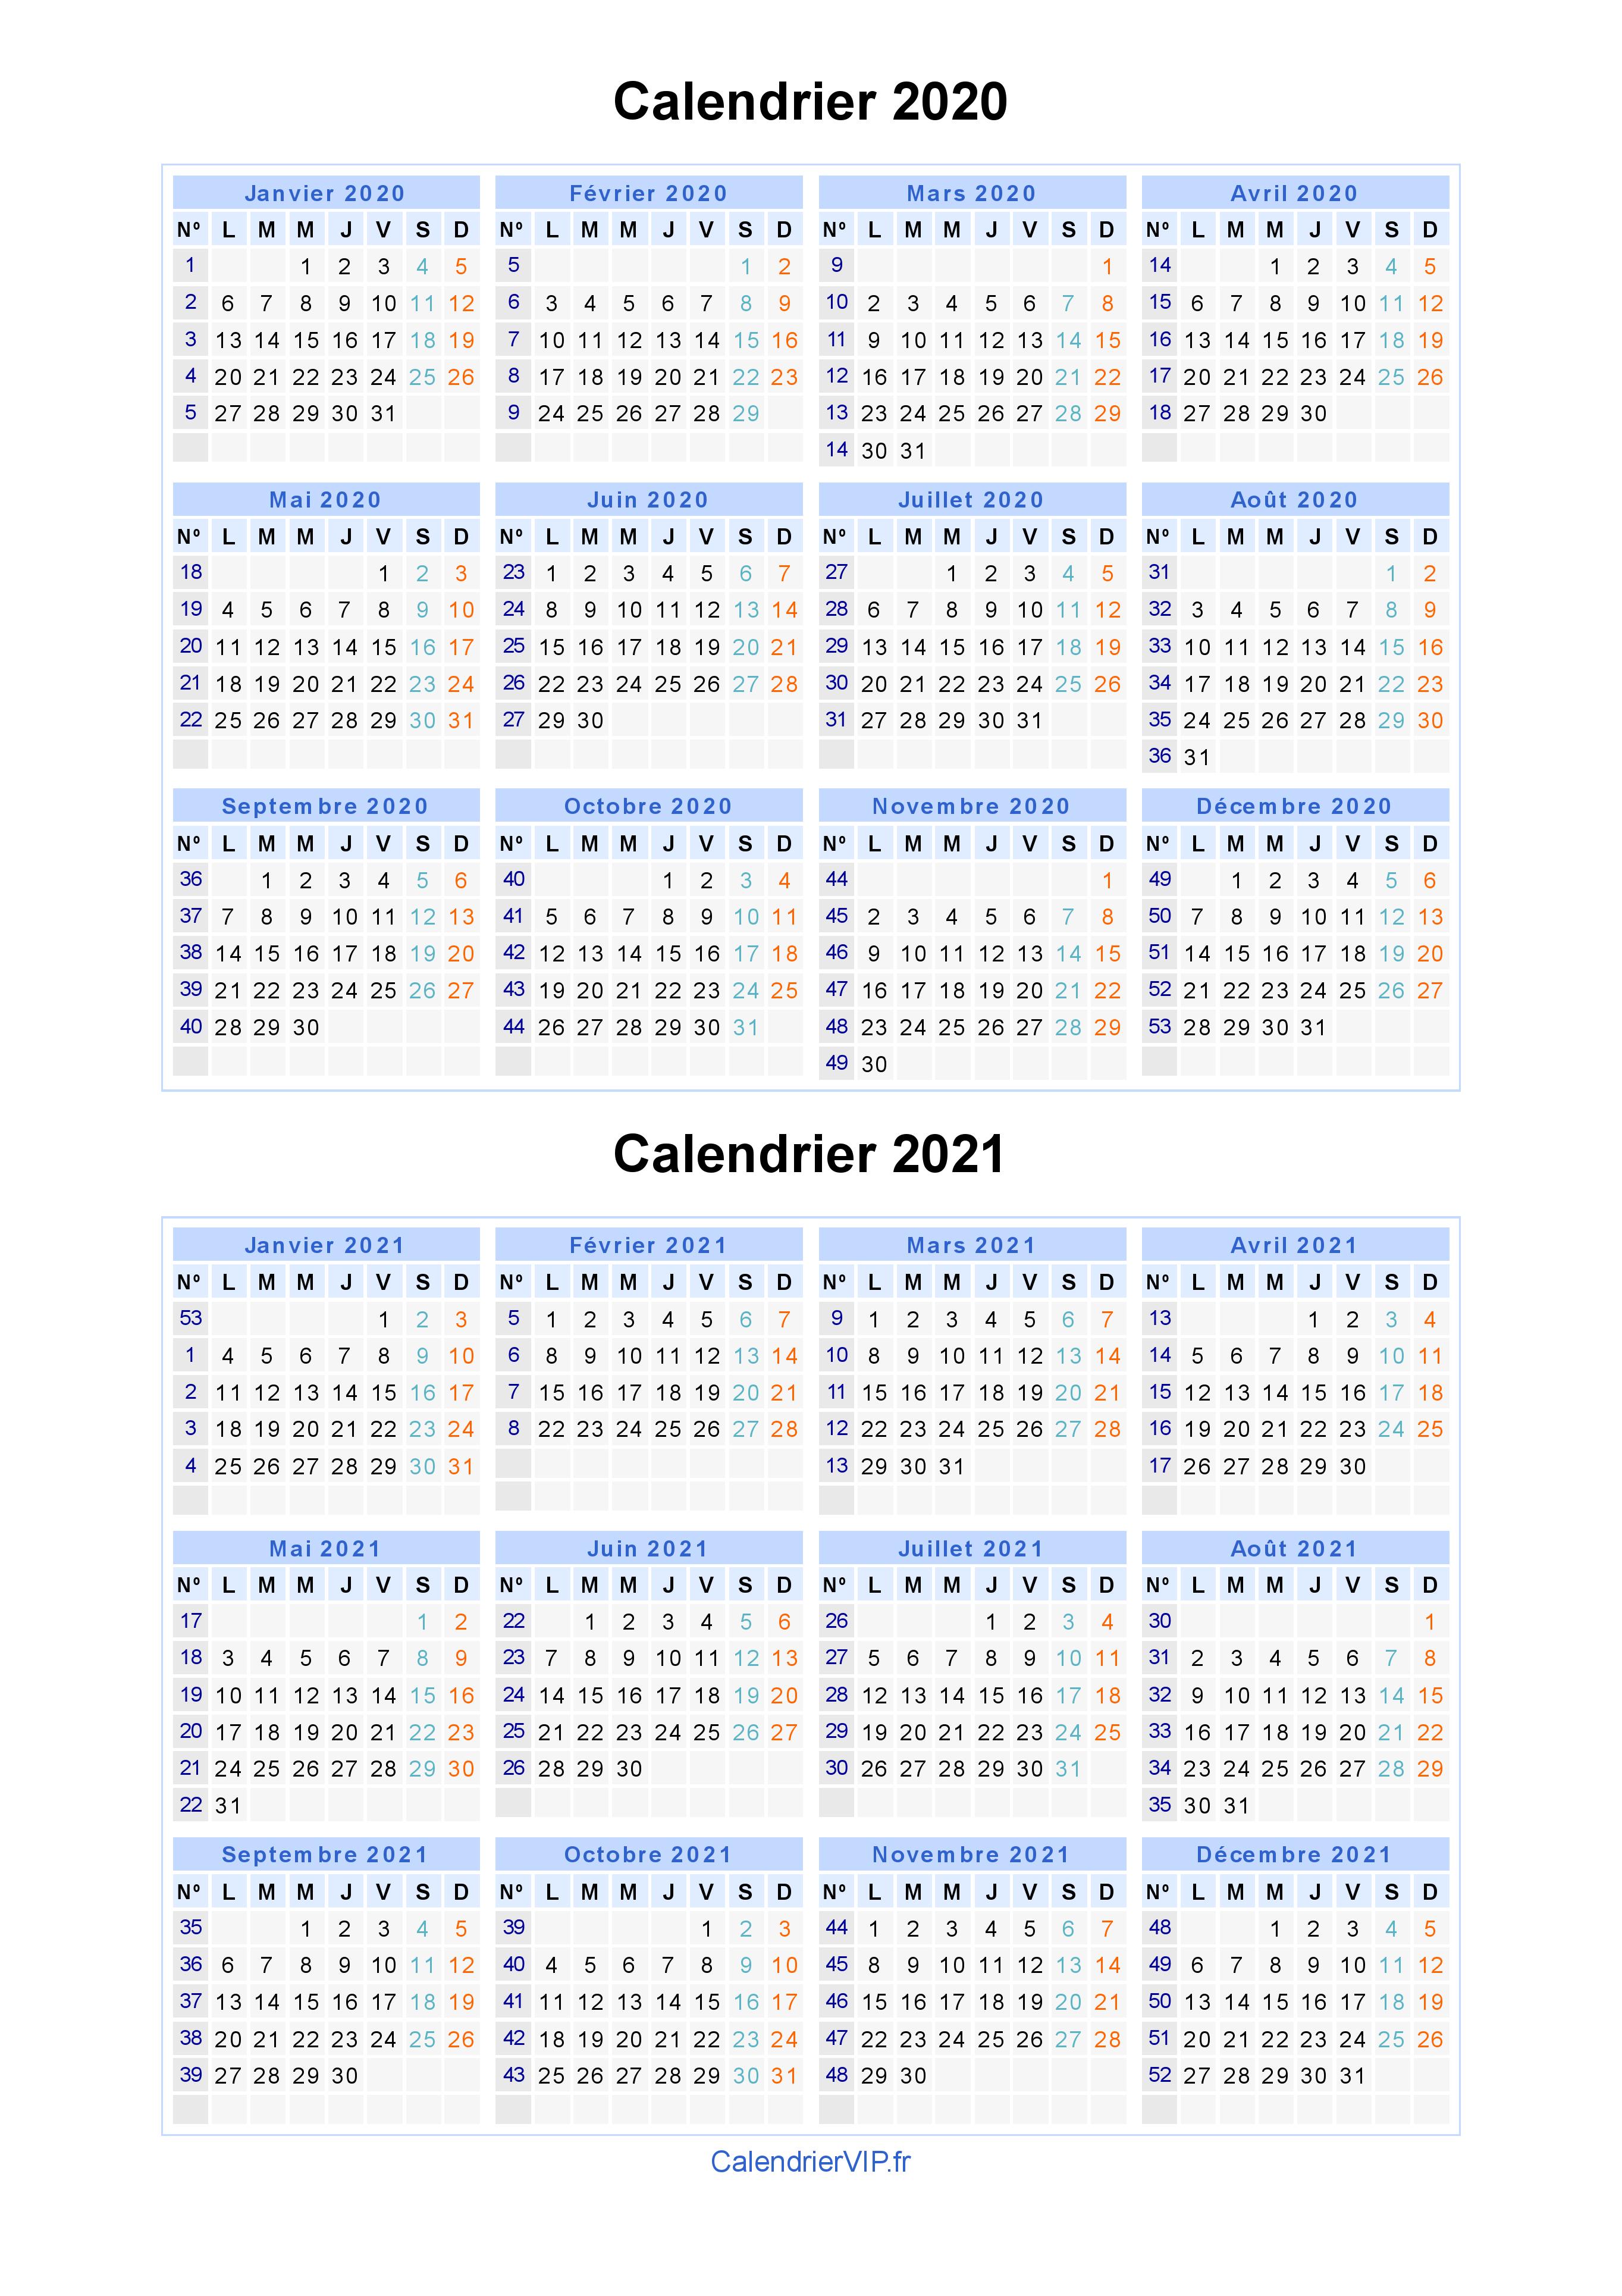 Calendrier Scolaire 2020 Et 2021.Calendrier 2020 2021 A Imprimer Gratuit En Pdf Et Excel